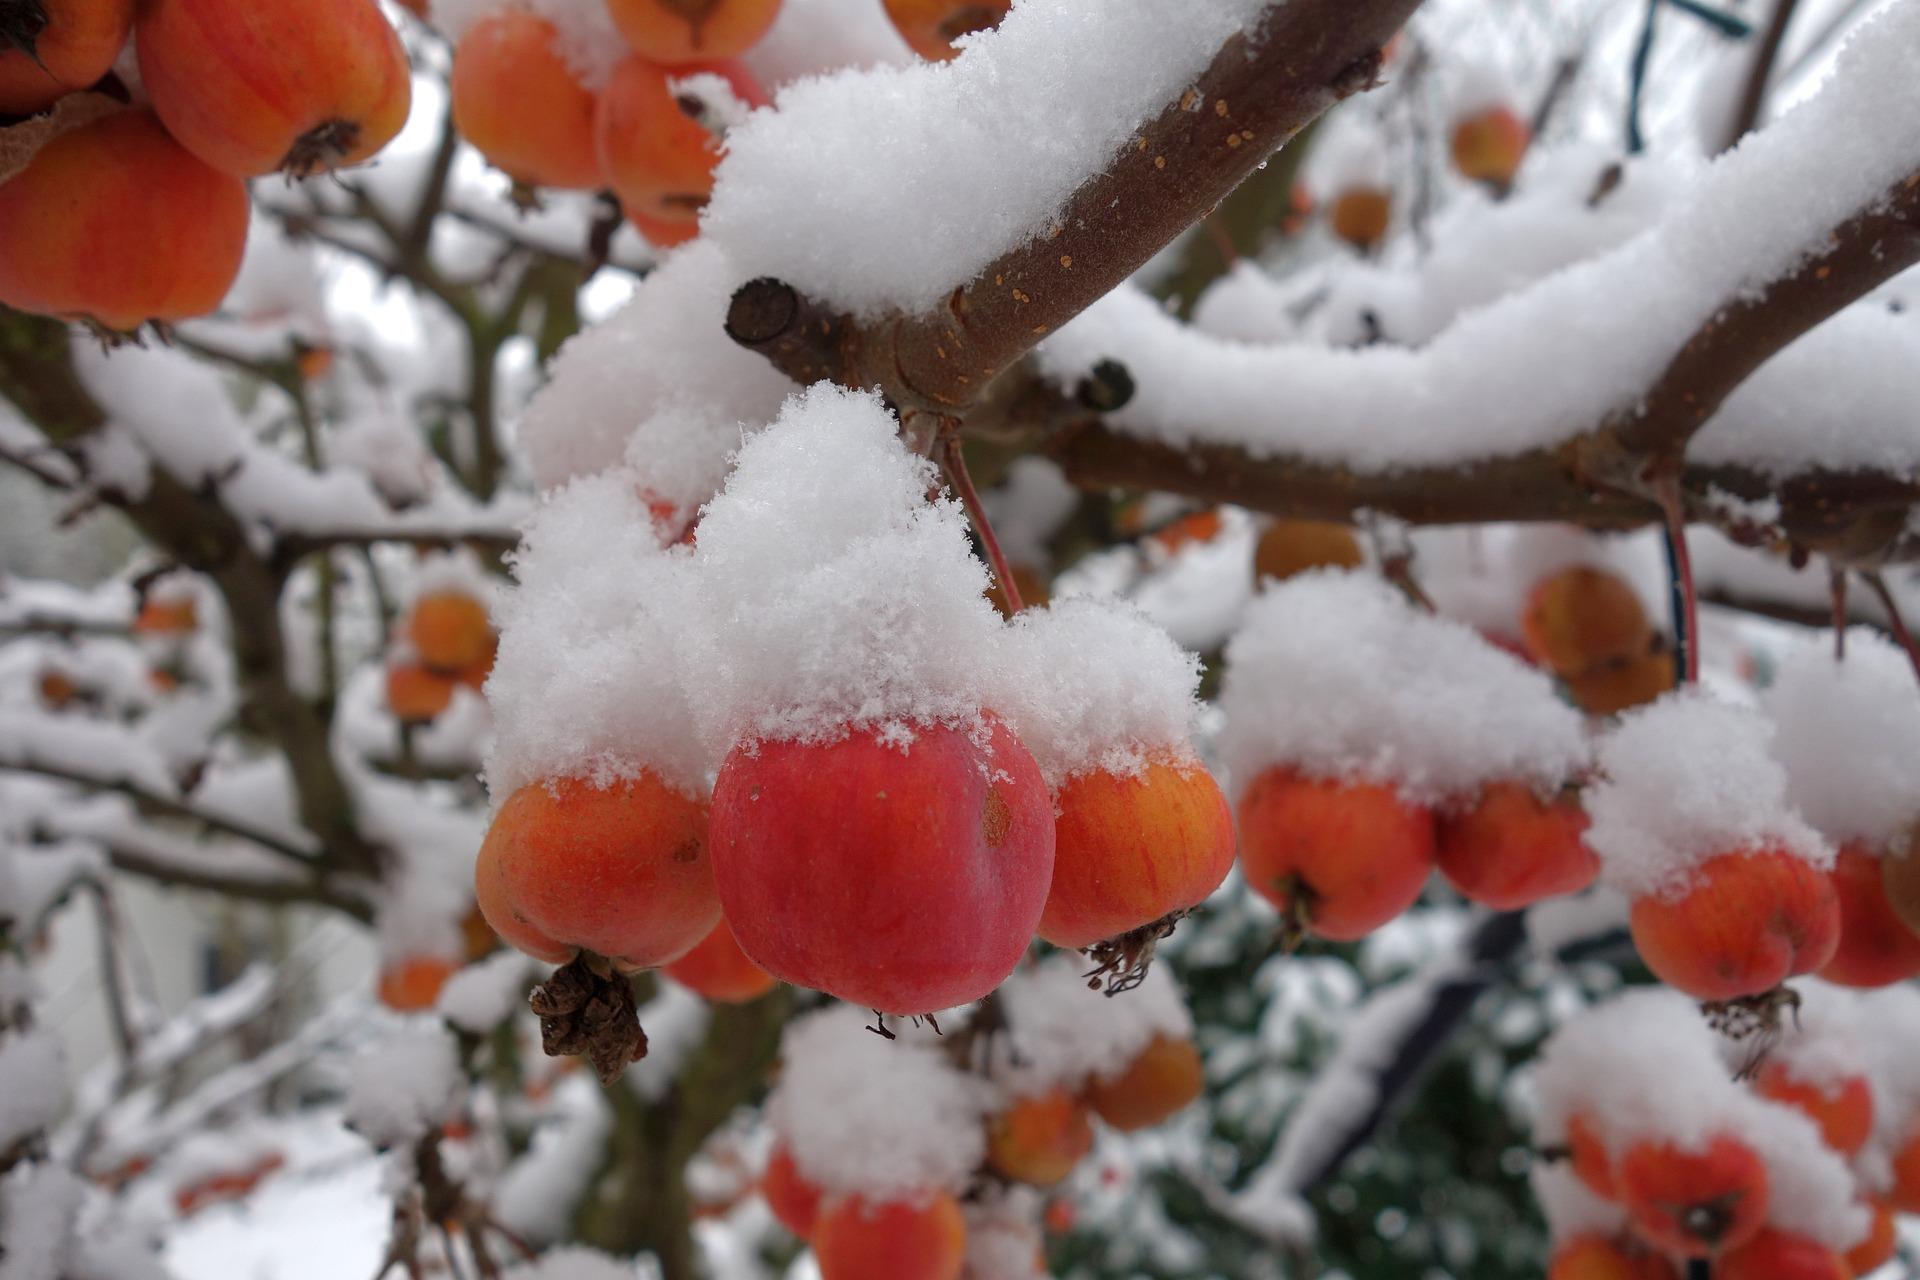 Jeśli nie usunęliśmy resztek zgniłych i suchych owoców wiszących na gałęziach drzew, czyli tzw. mumii jesienią zróbmy to koniecznie przed nadejściem wiosny